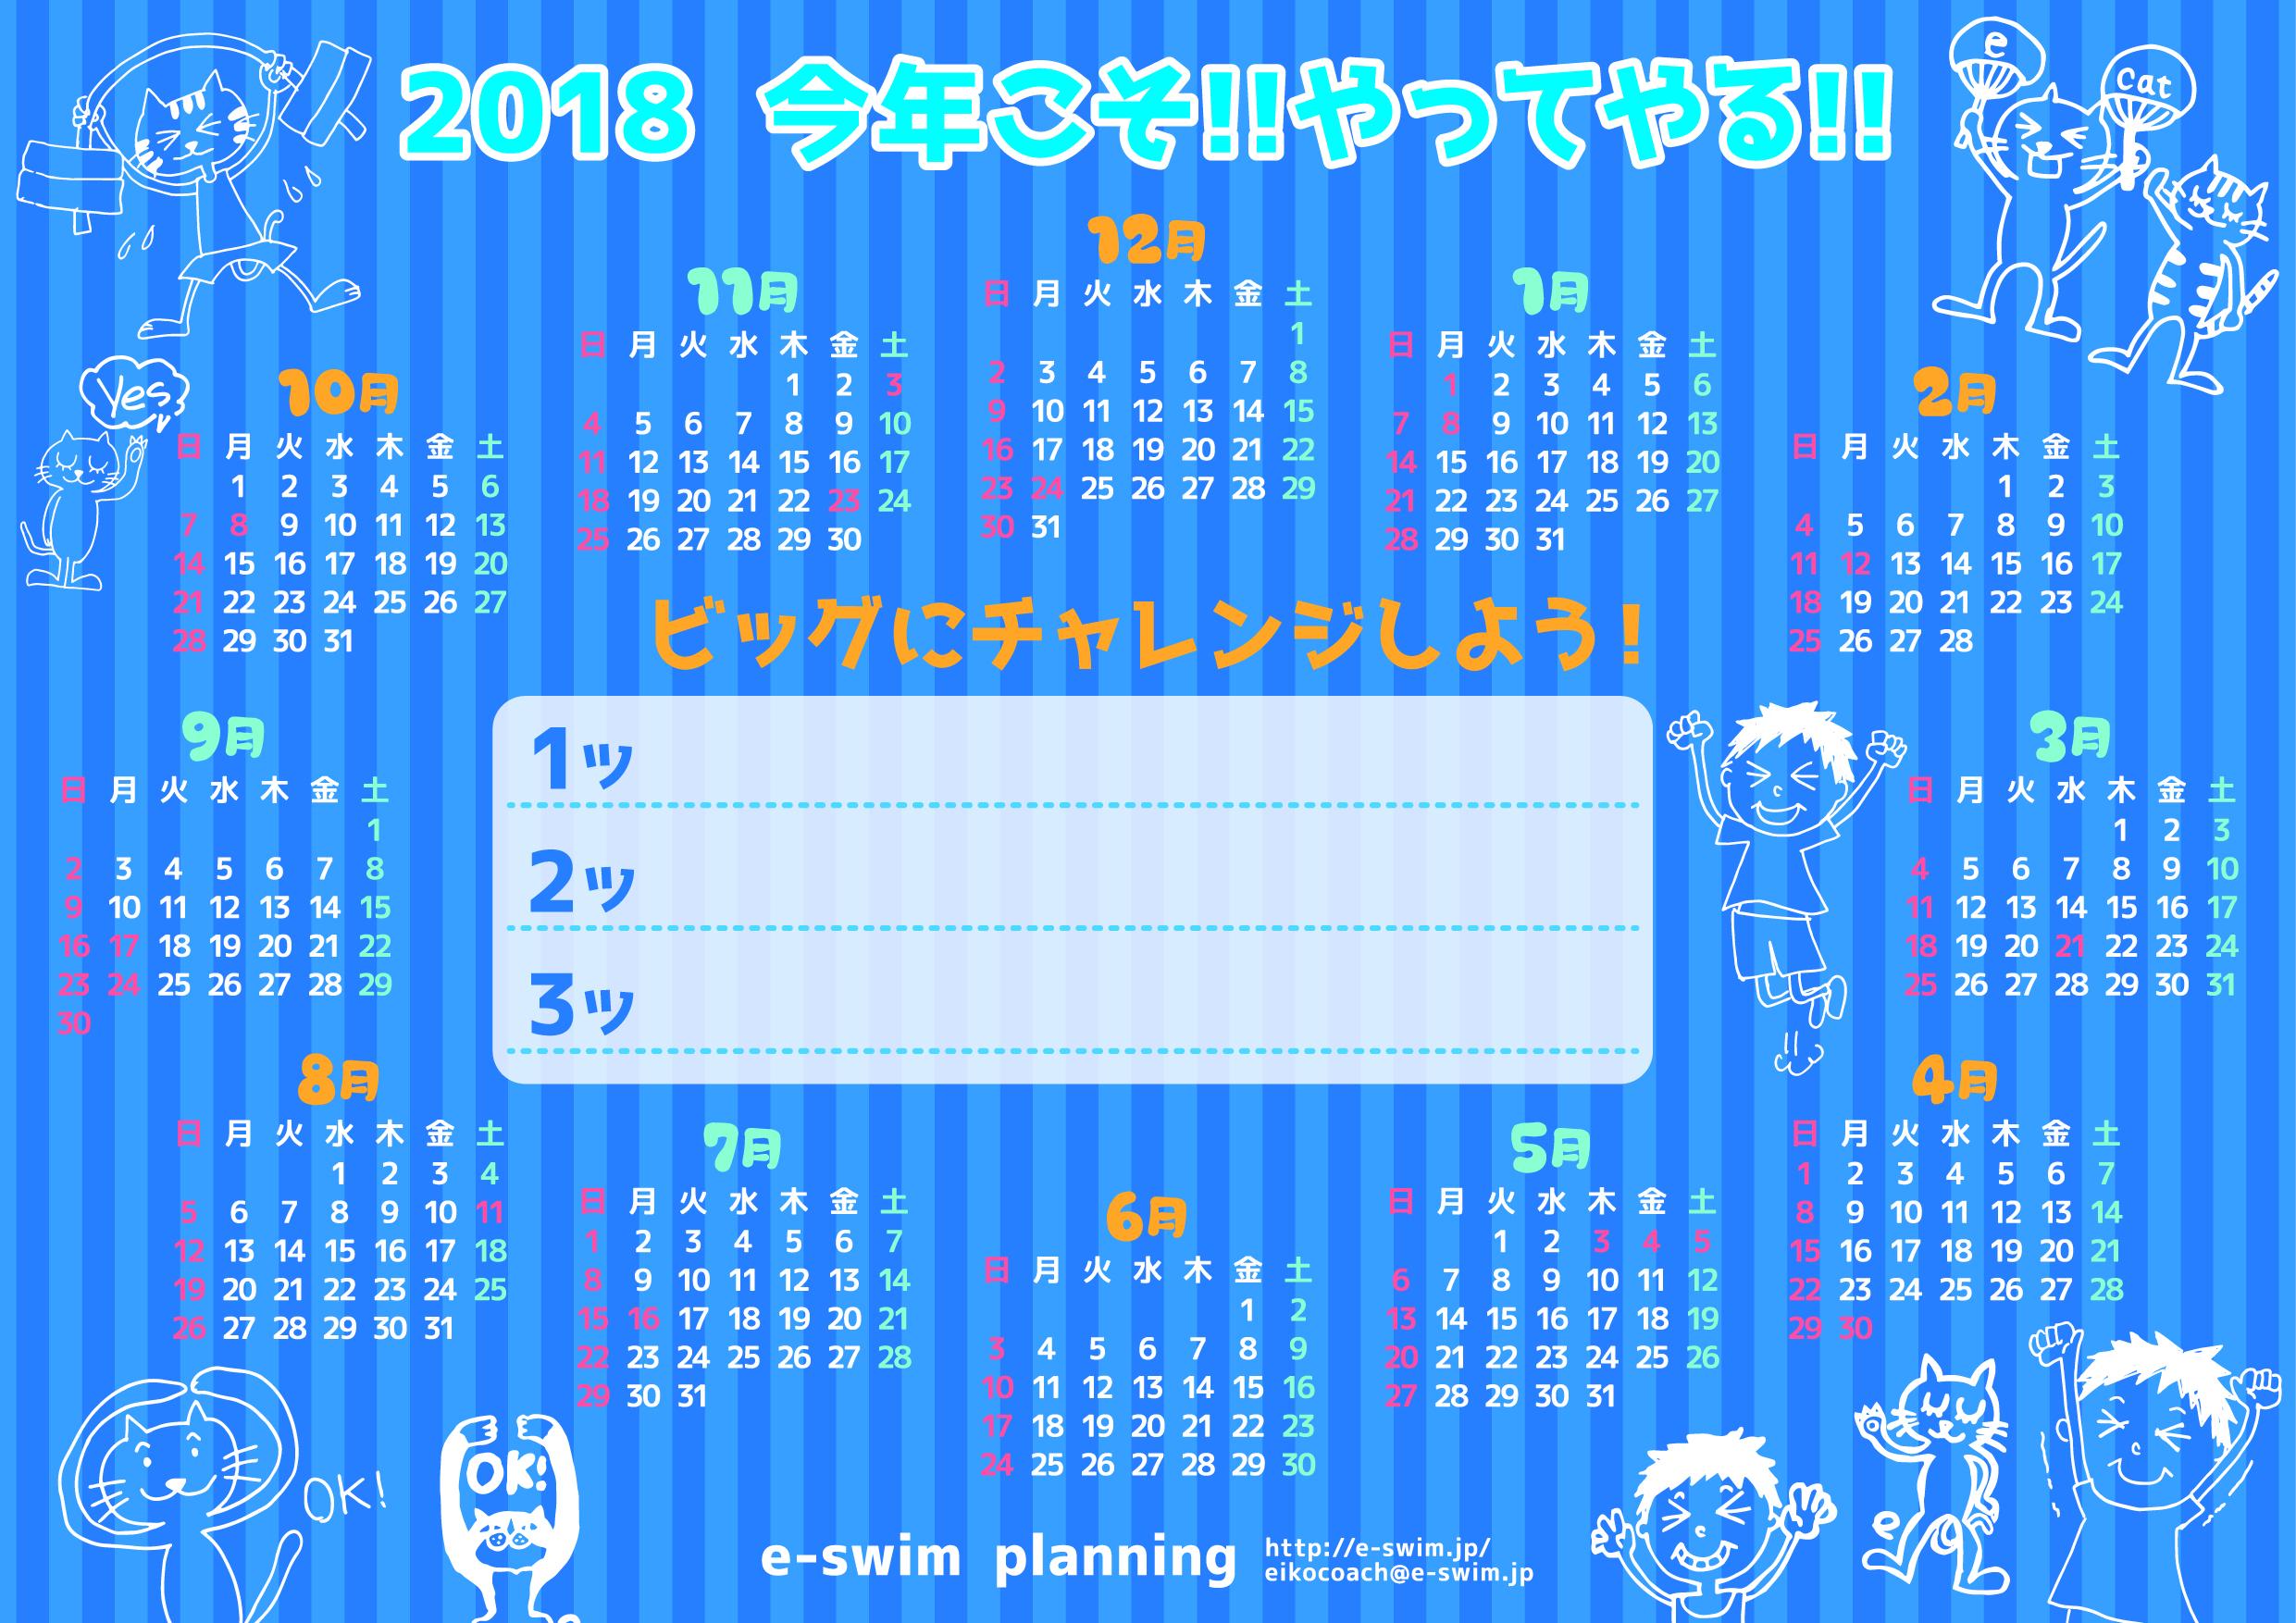 2018年_e-swimカレンダー_ol-01